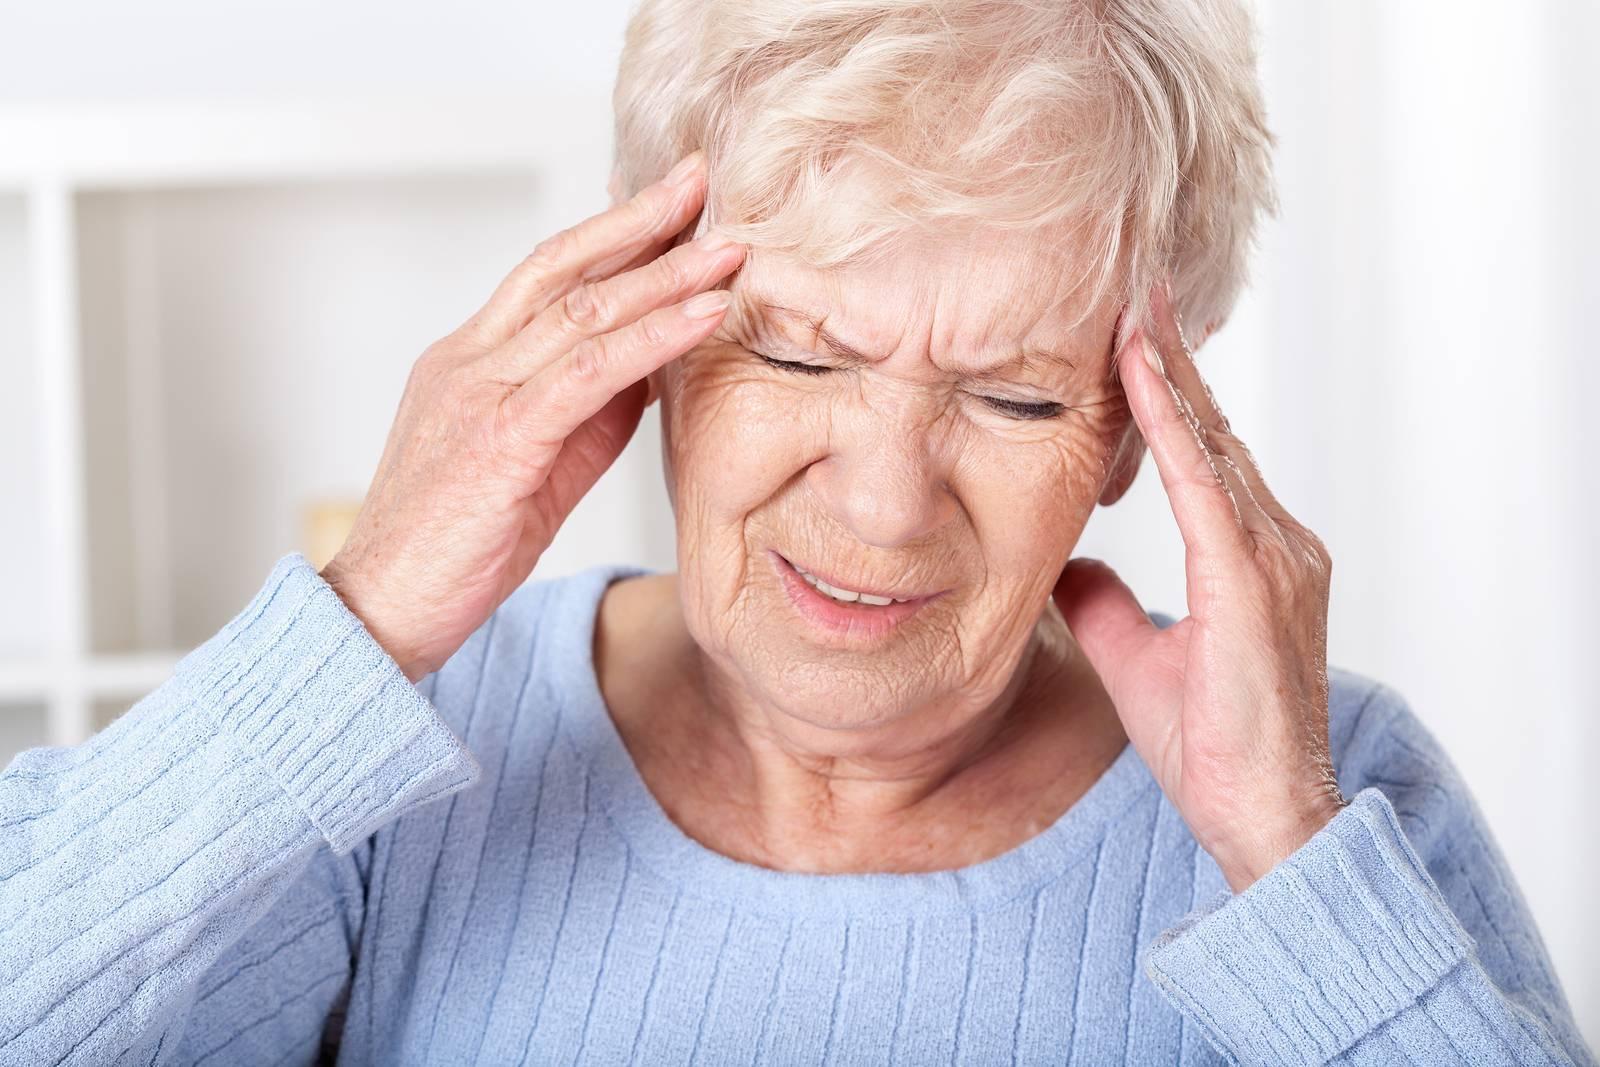 Атеросклероз сосудов головного мозга у пожилых: симптомы и лечение, диагностика